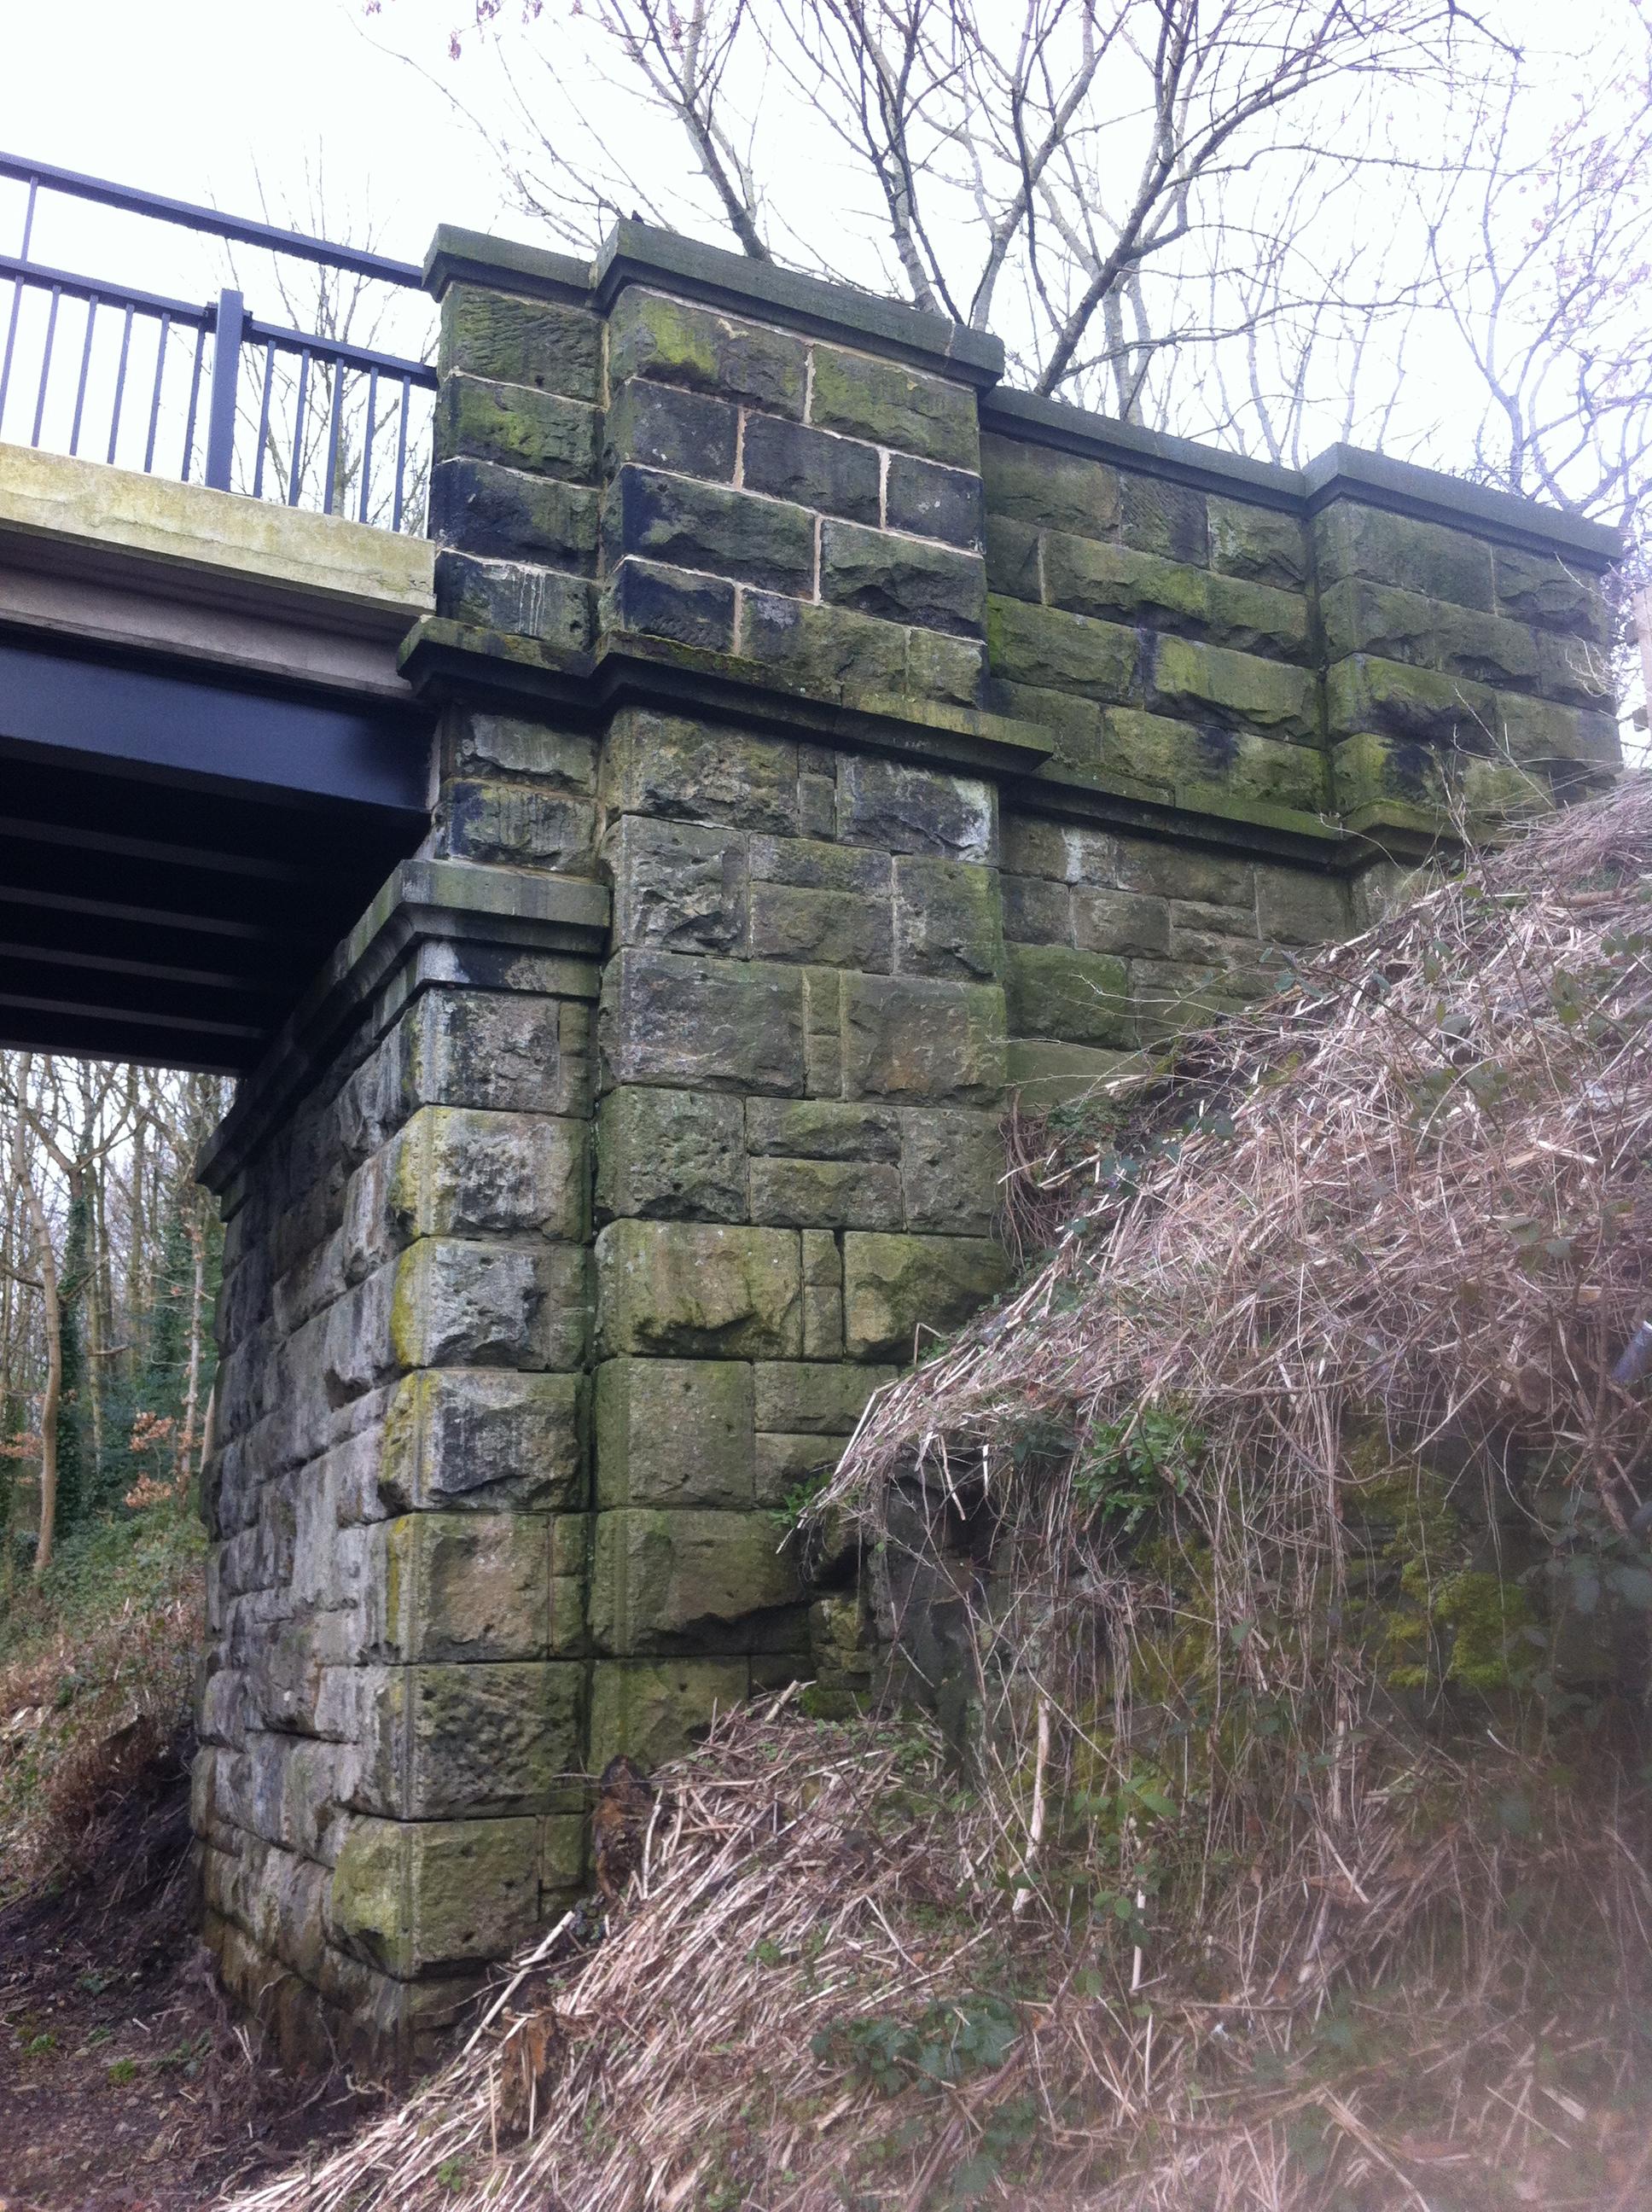 Bridge outside Beamish Station 1